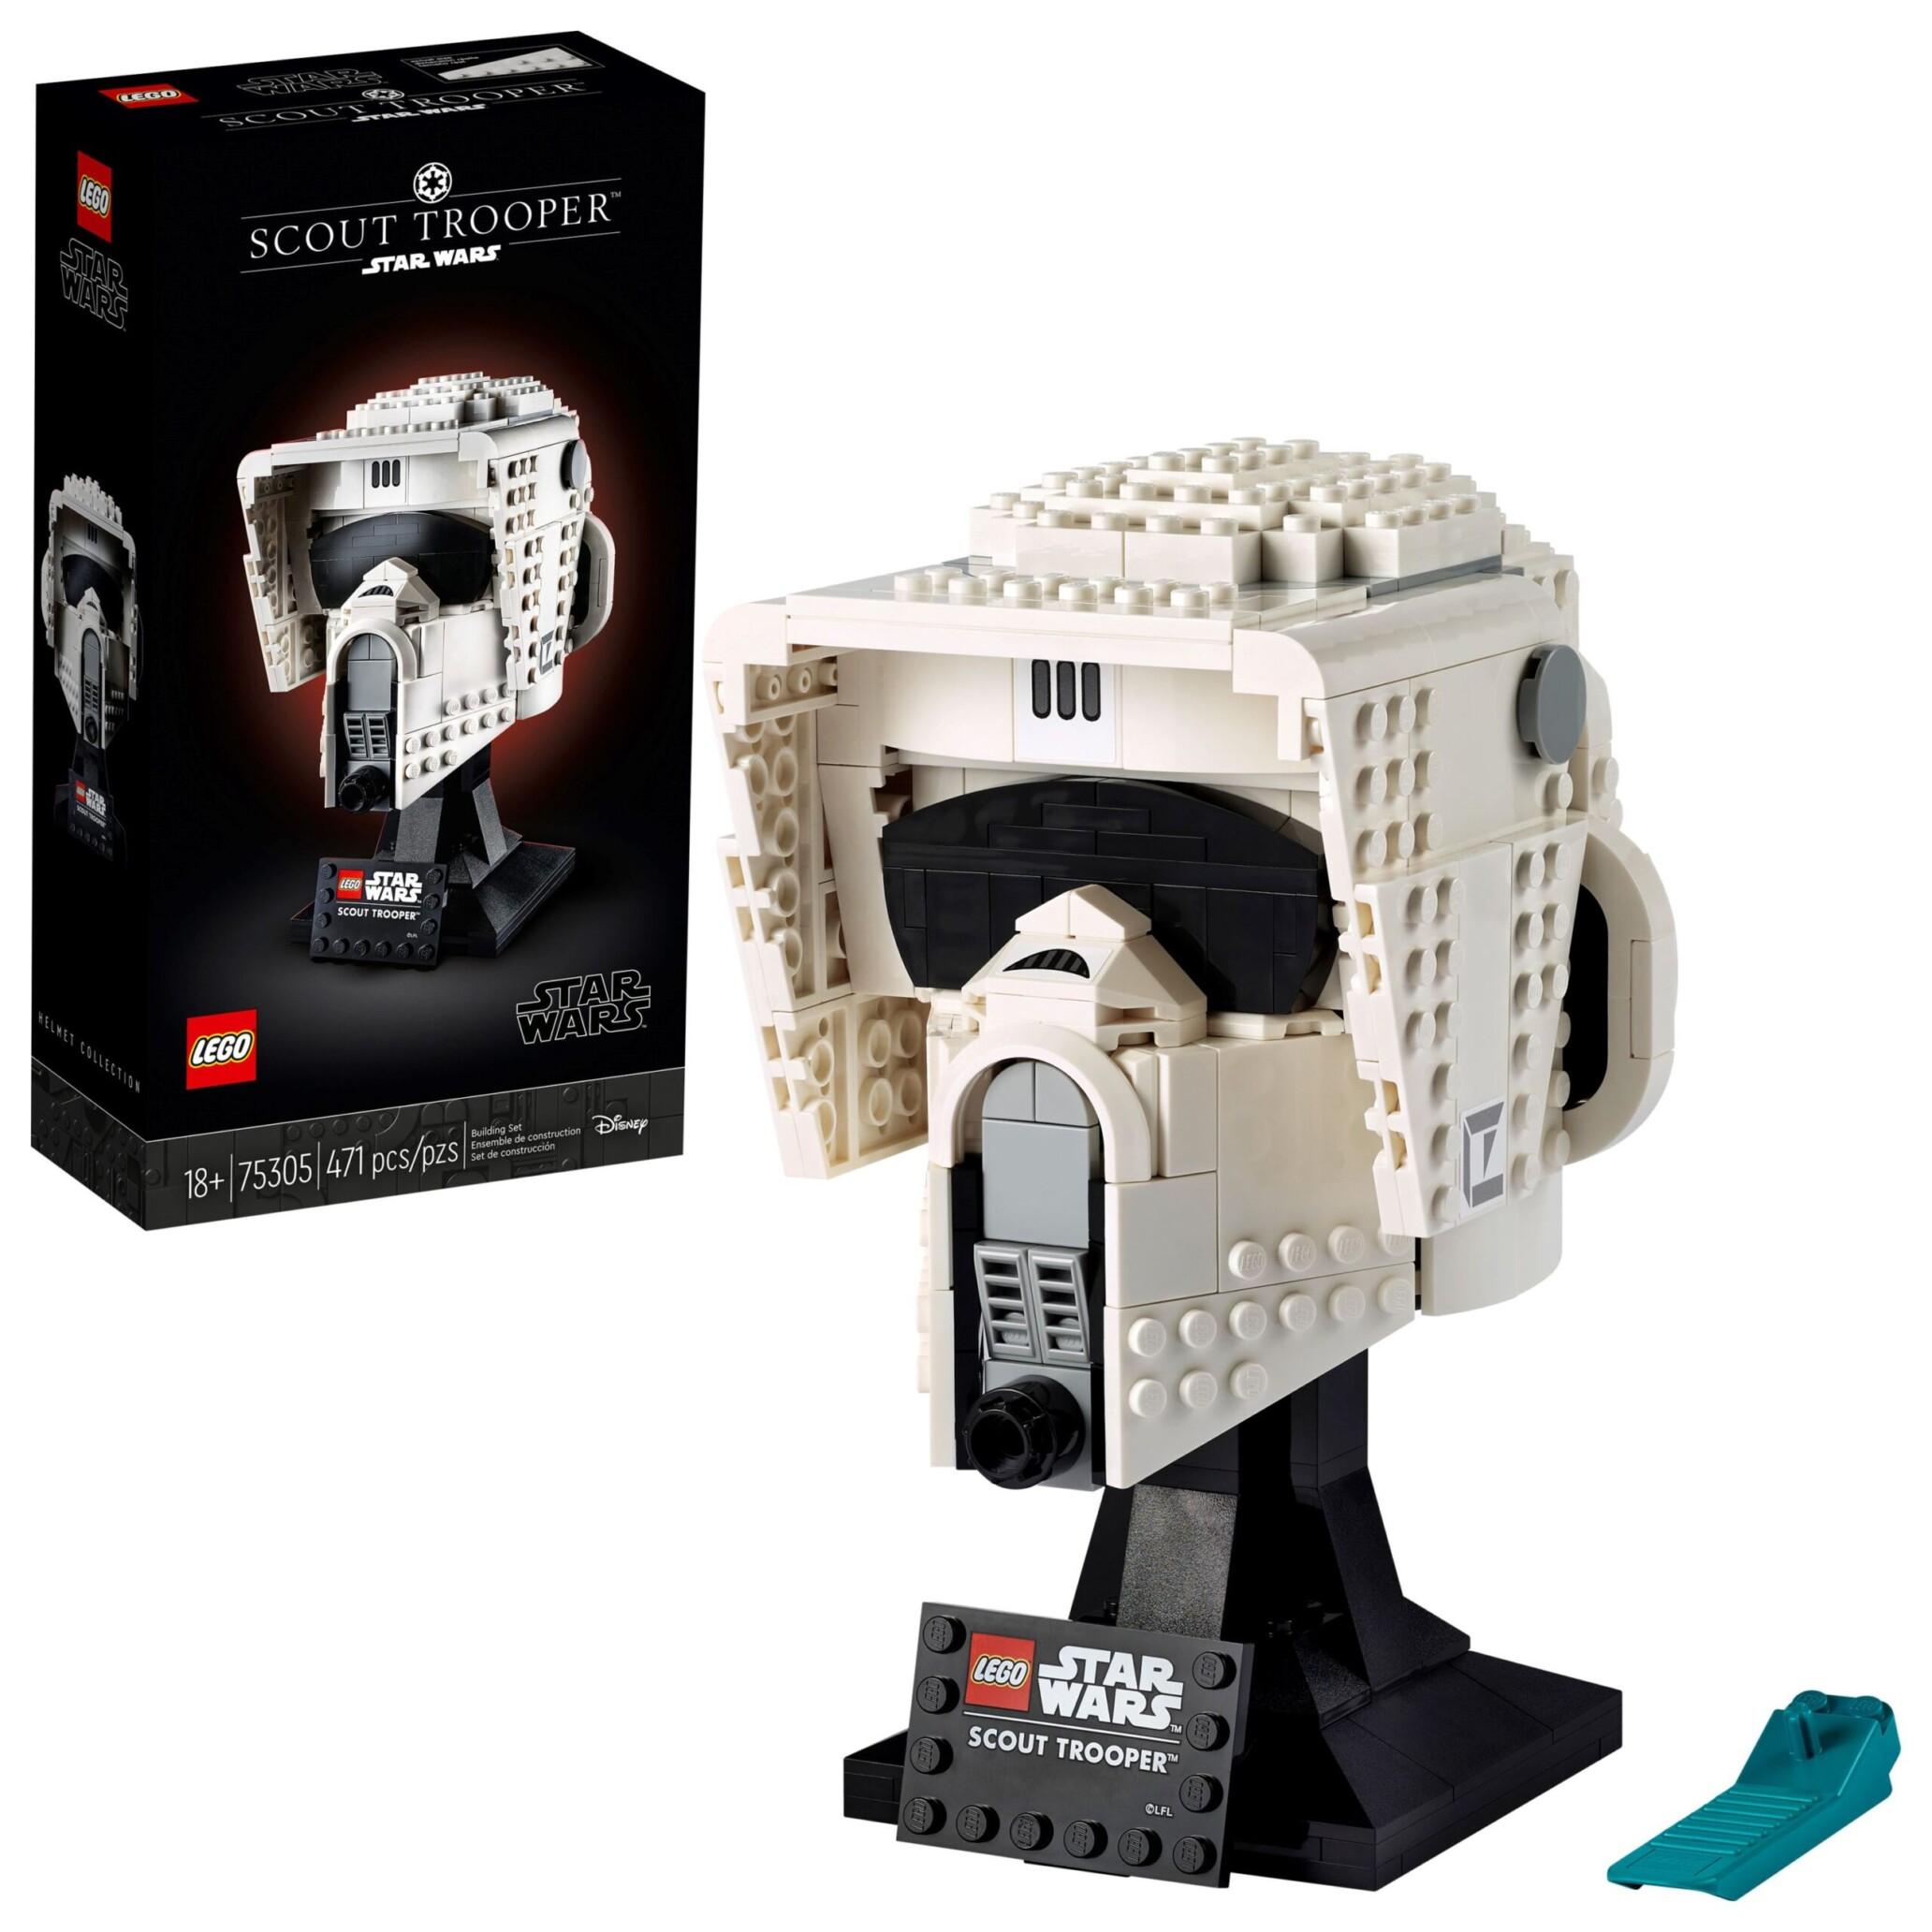 LEGO Star Wars 75305 Scout Trooper Helmet